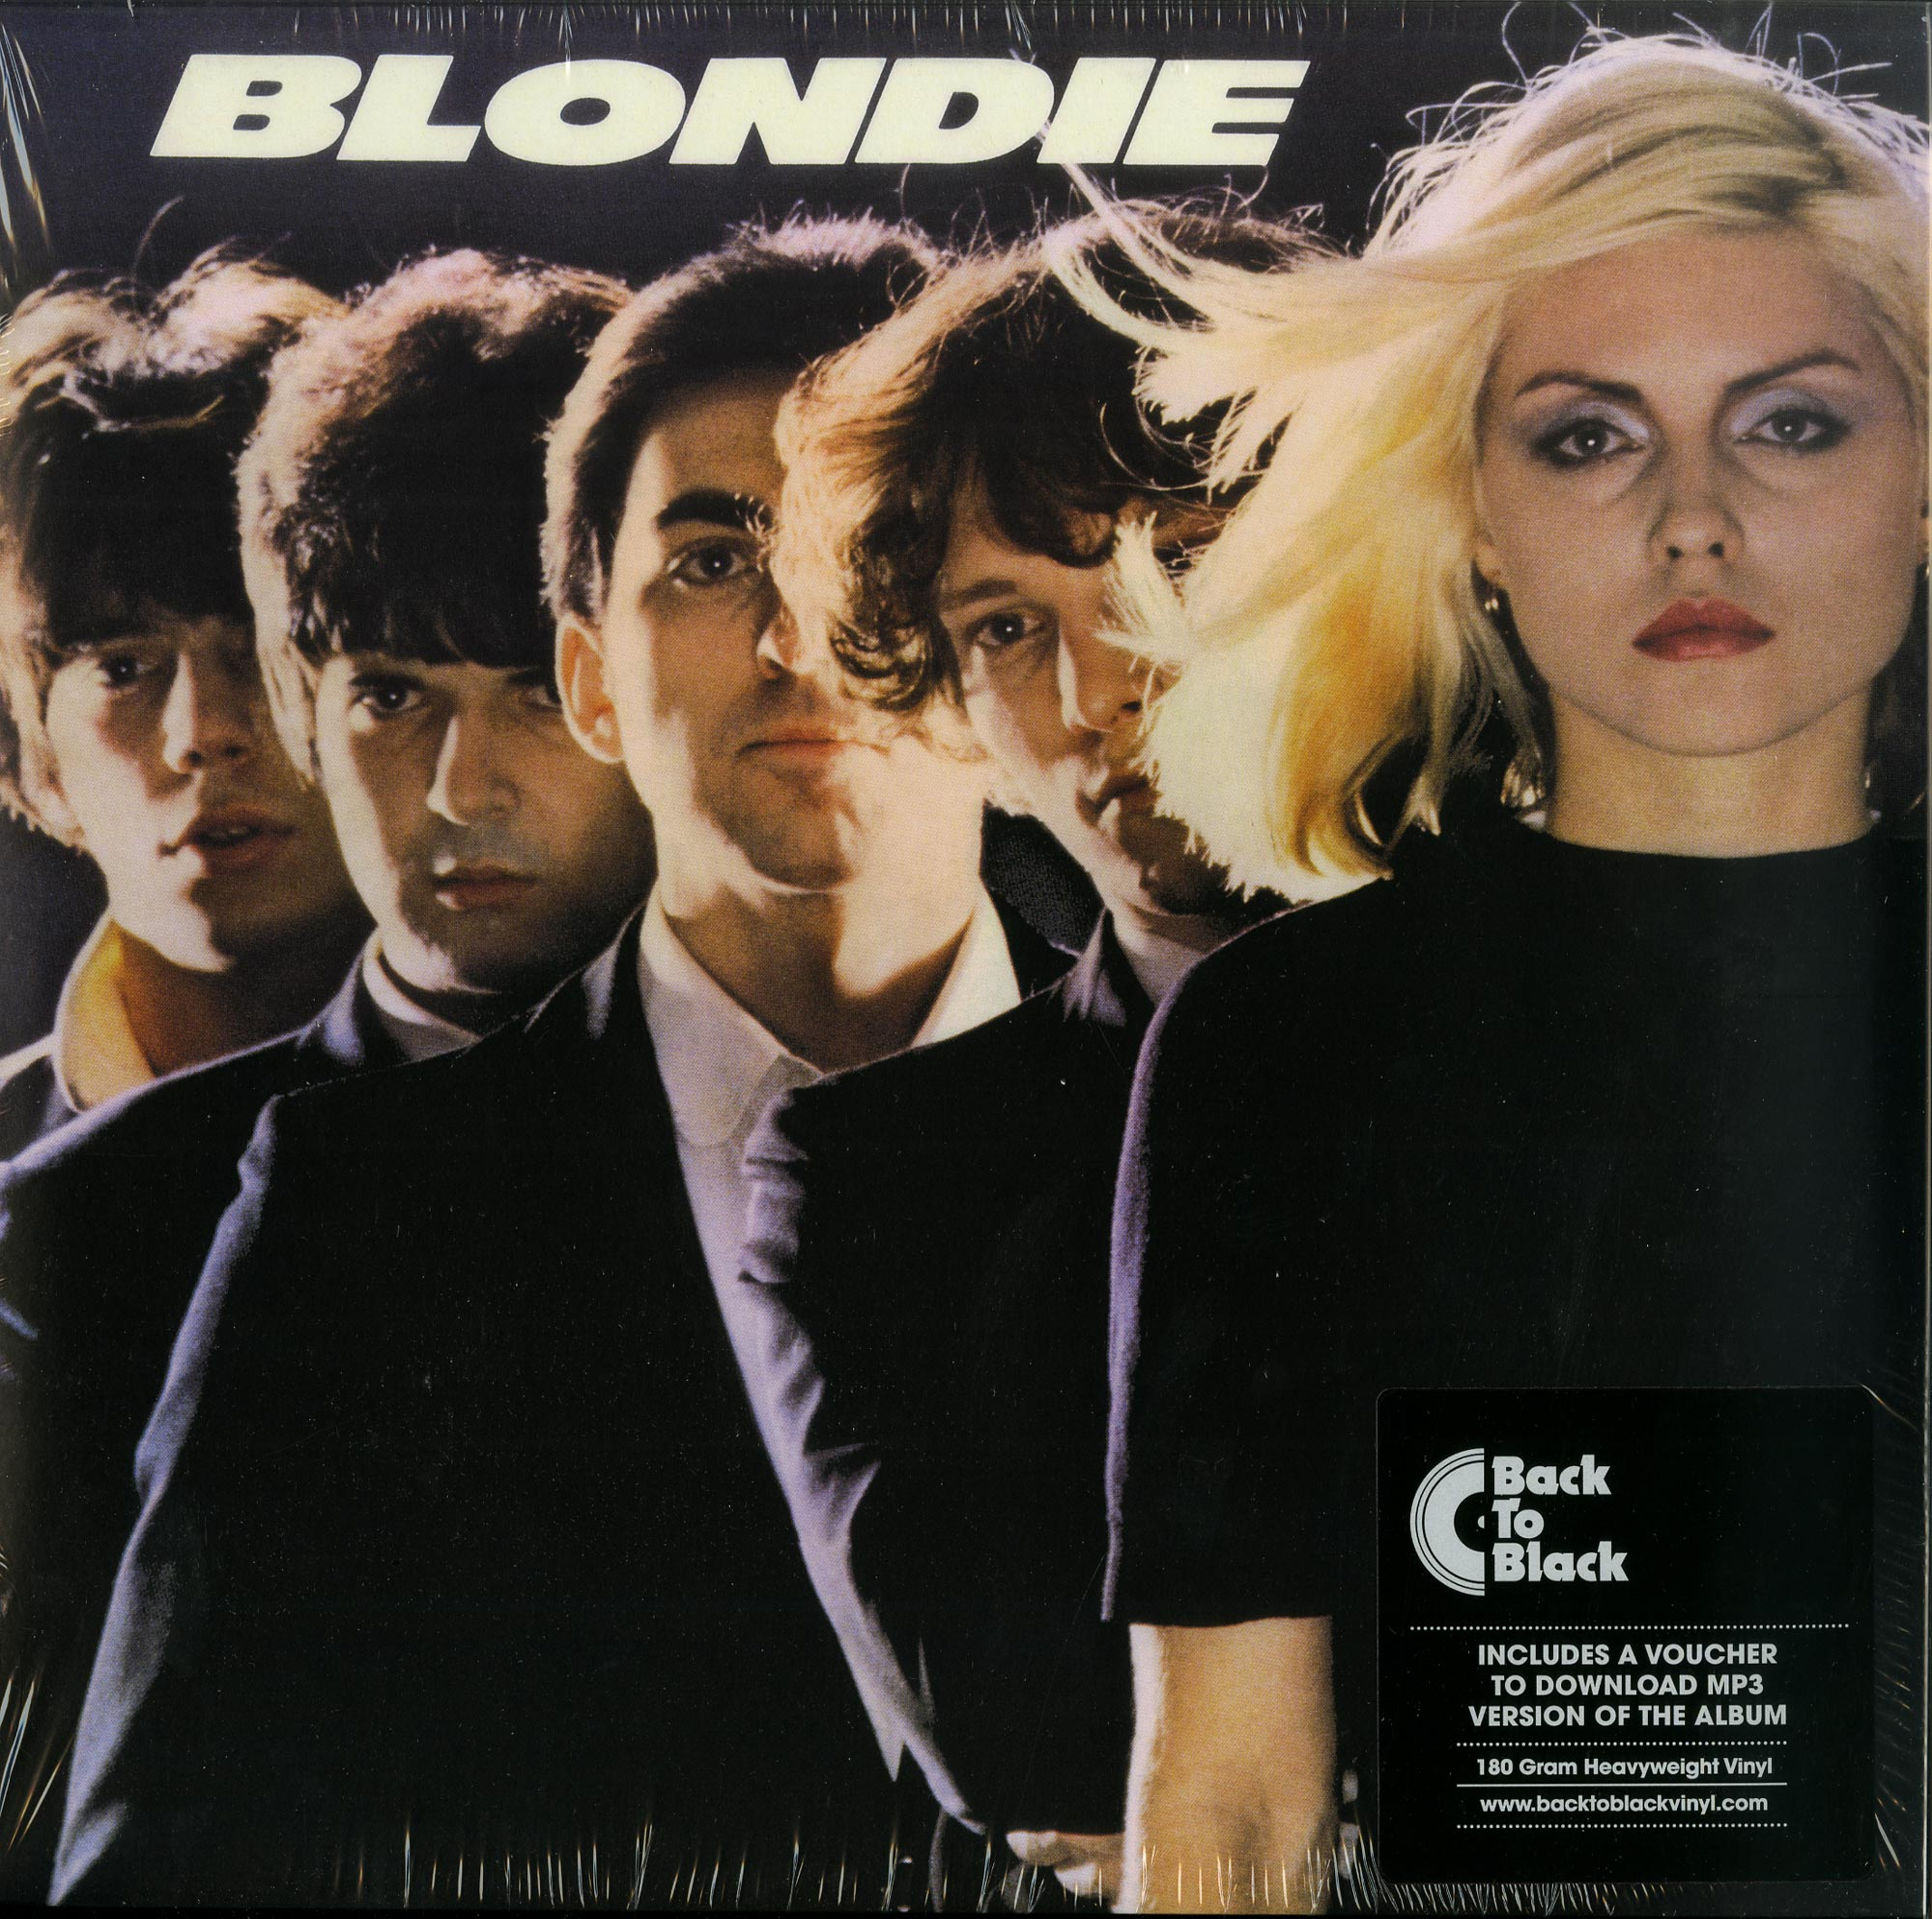 mp3 blondie